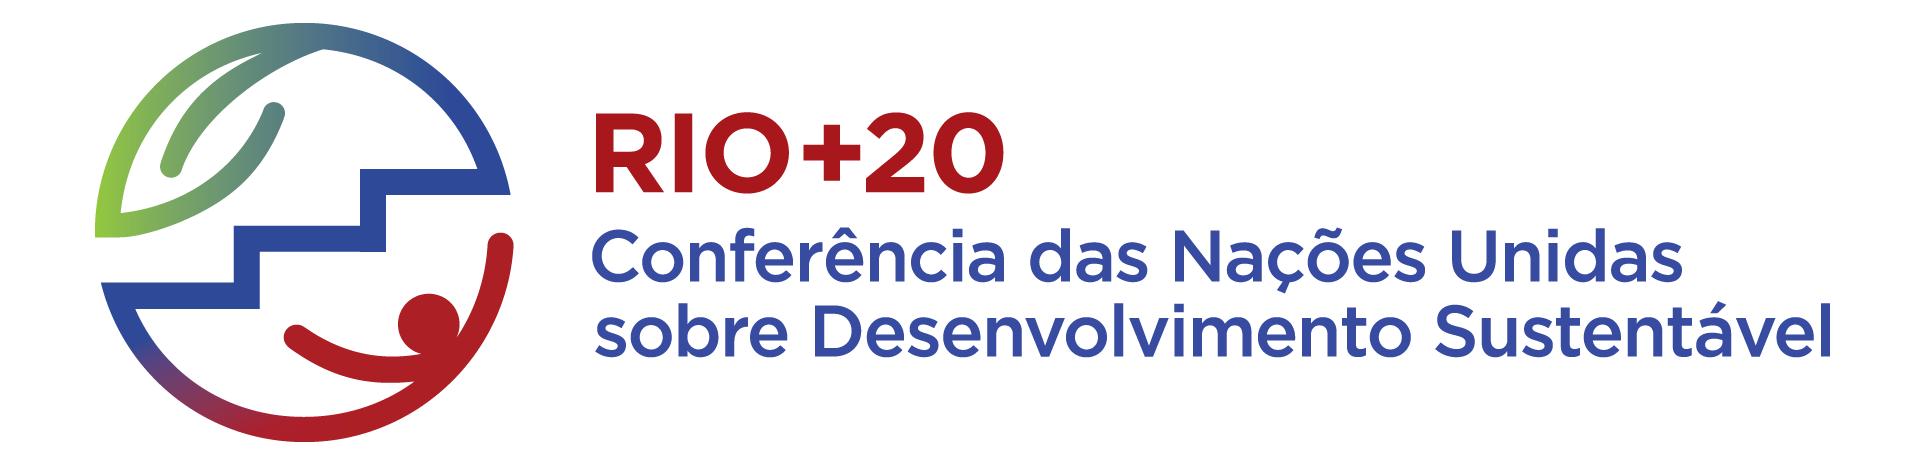 Cidades Sustentáveis e Inovação na Rio + 20 com Jaime Lerner, Alejandro Aravena e Shigeru Ban, Oficial